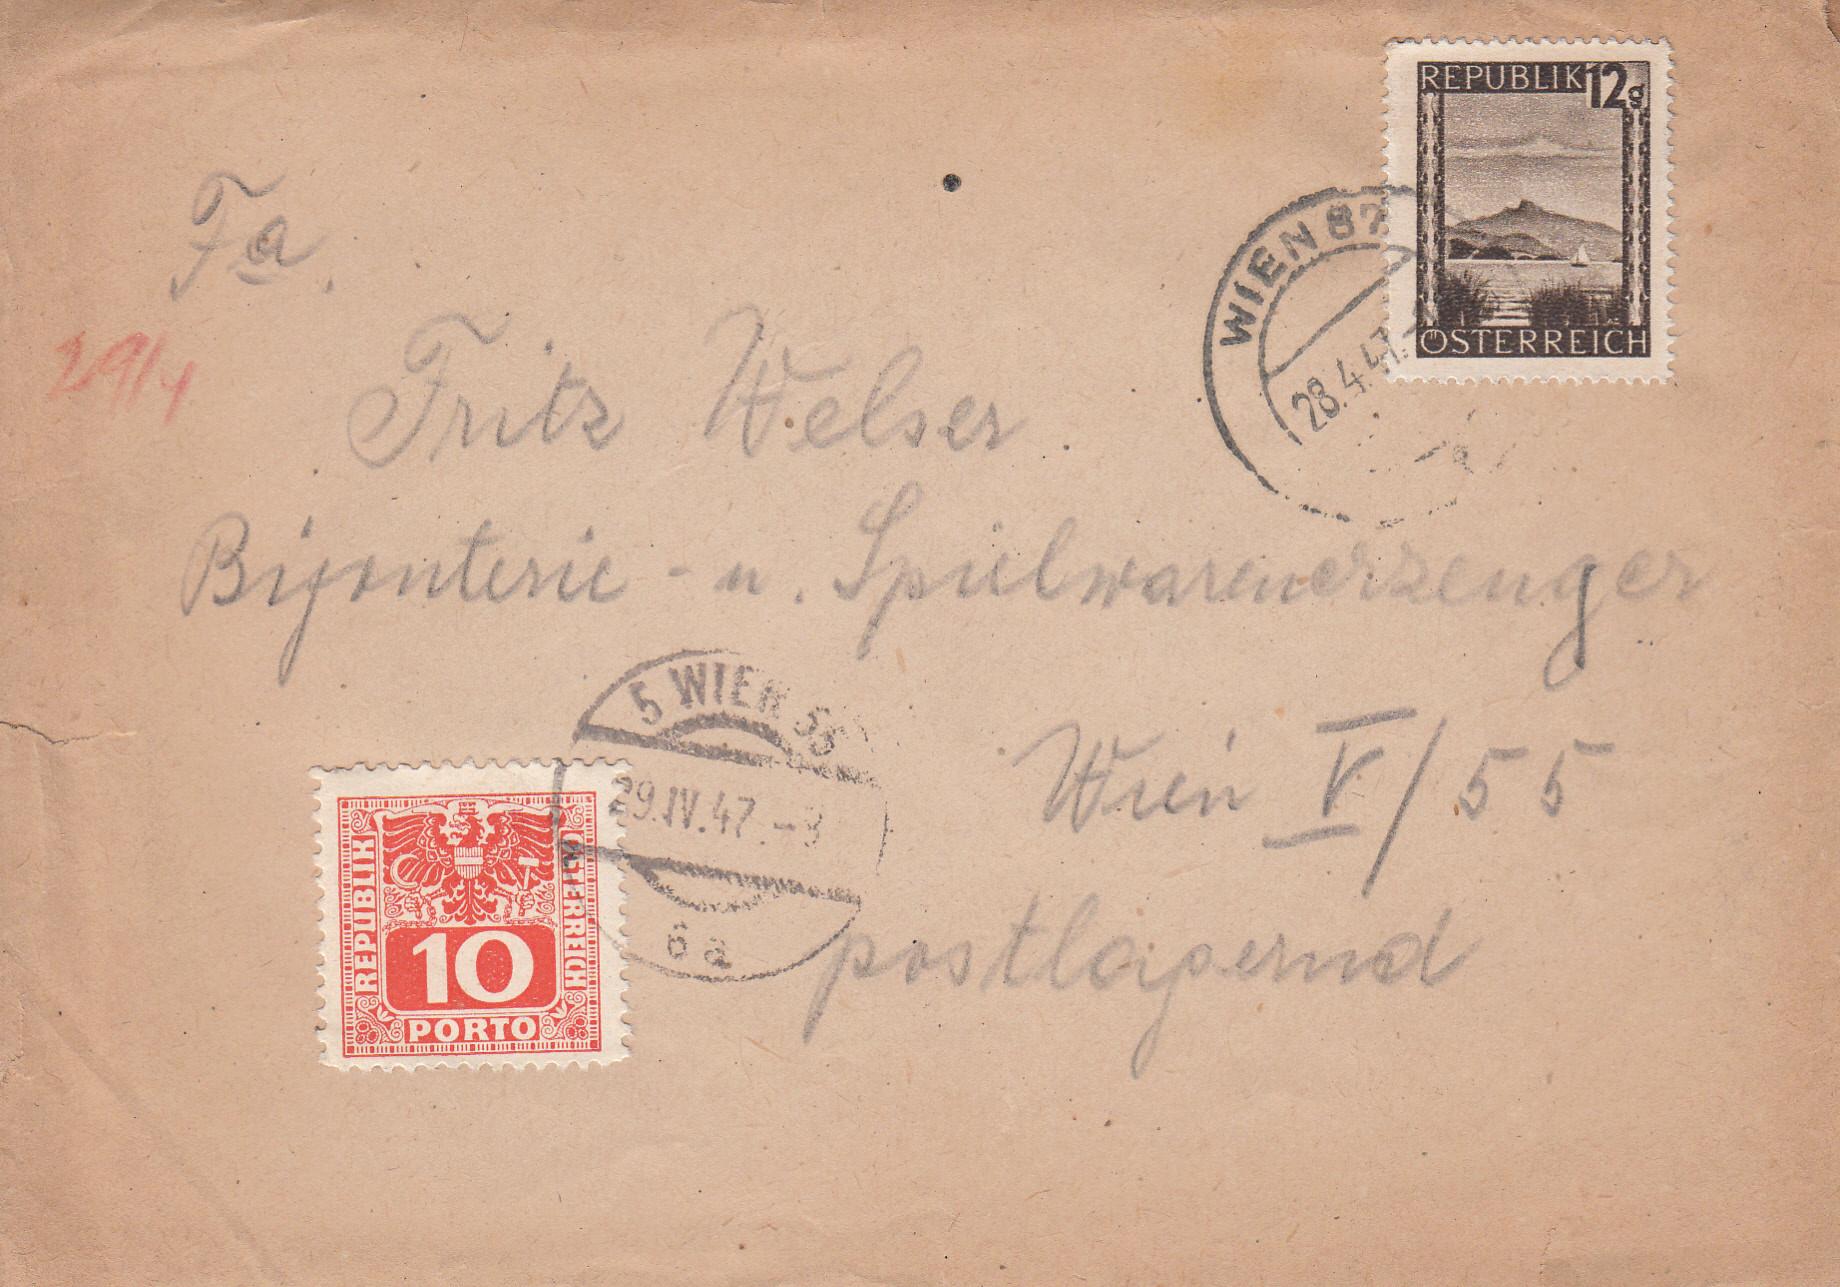 Verwendung von Portomarken in Österreich - Seite 2 Img179